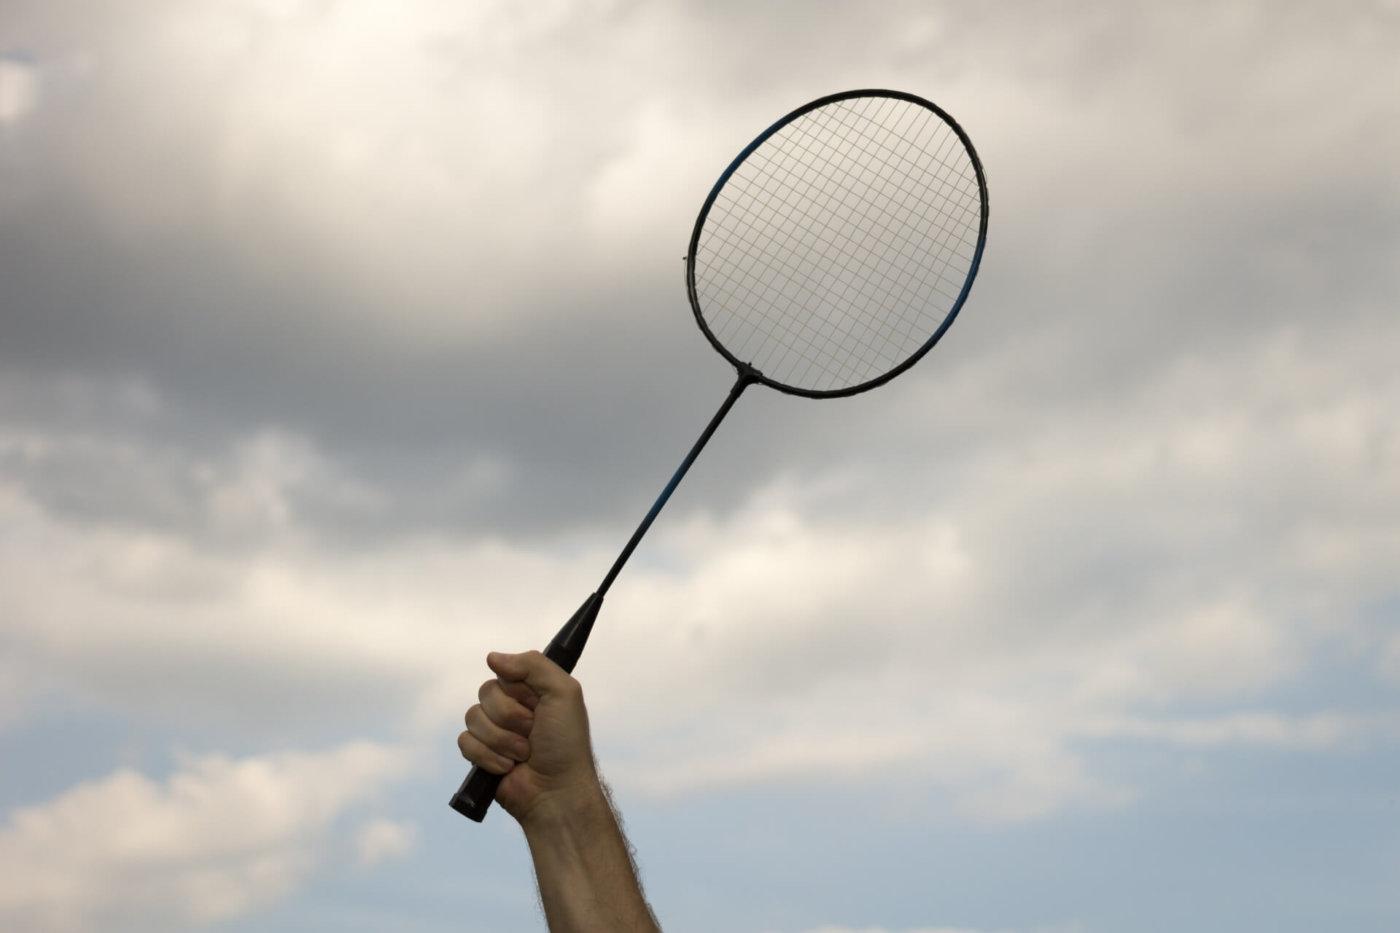 初心者が知っておきたい、バドミントンのラケット選びのポイント